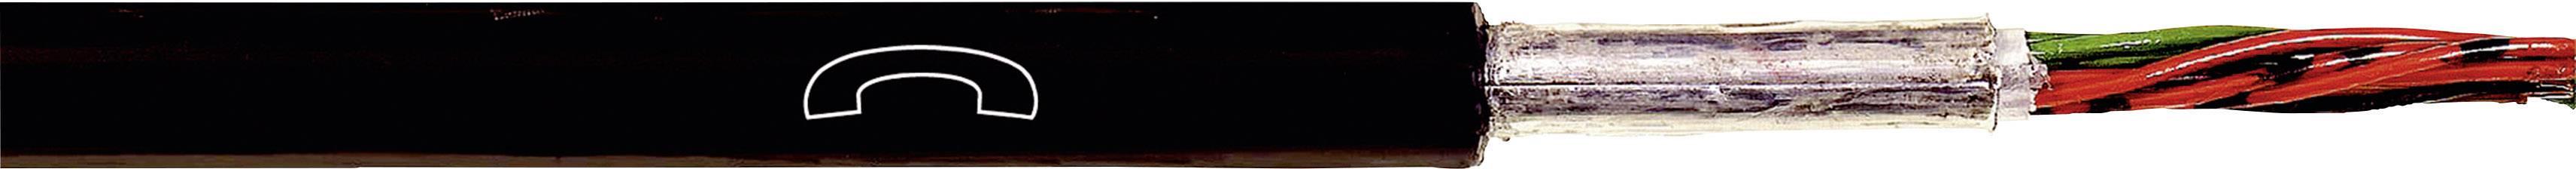 Kabel LappKabel A-2YF(L)2Y...ST III BD 20X2X0,8 (1591223), 19,5 mm, stíněný, černá, 500 m